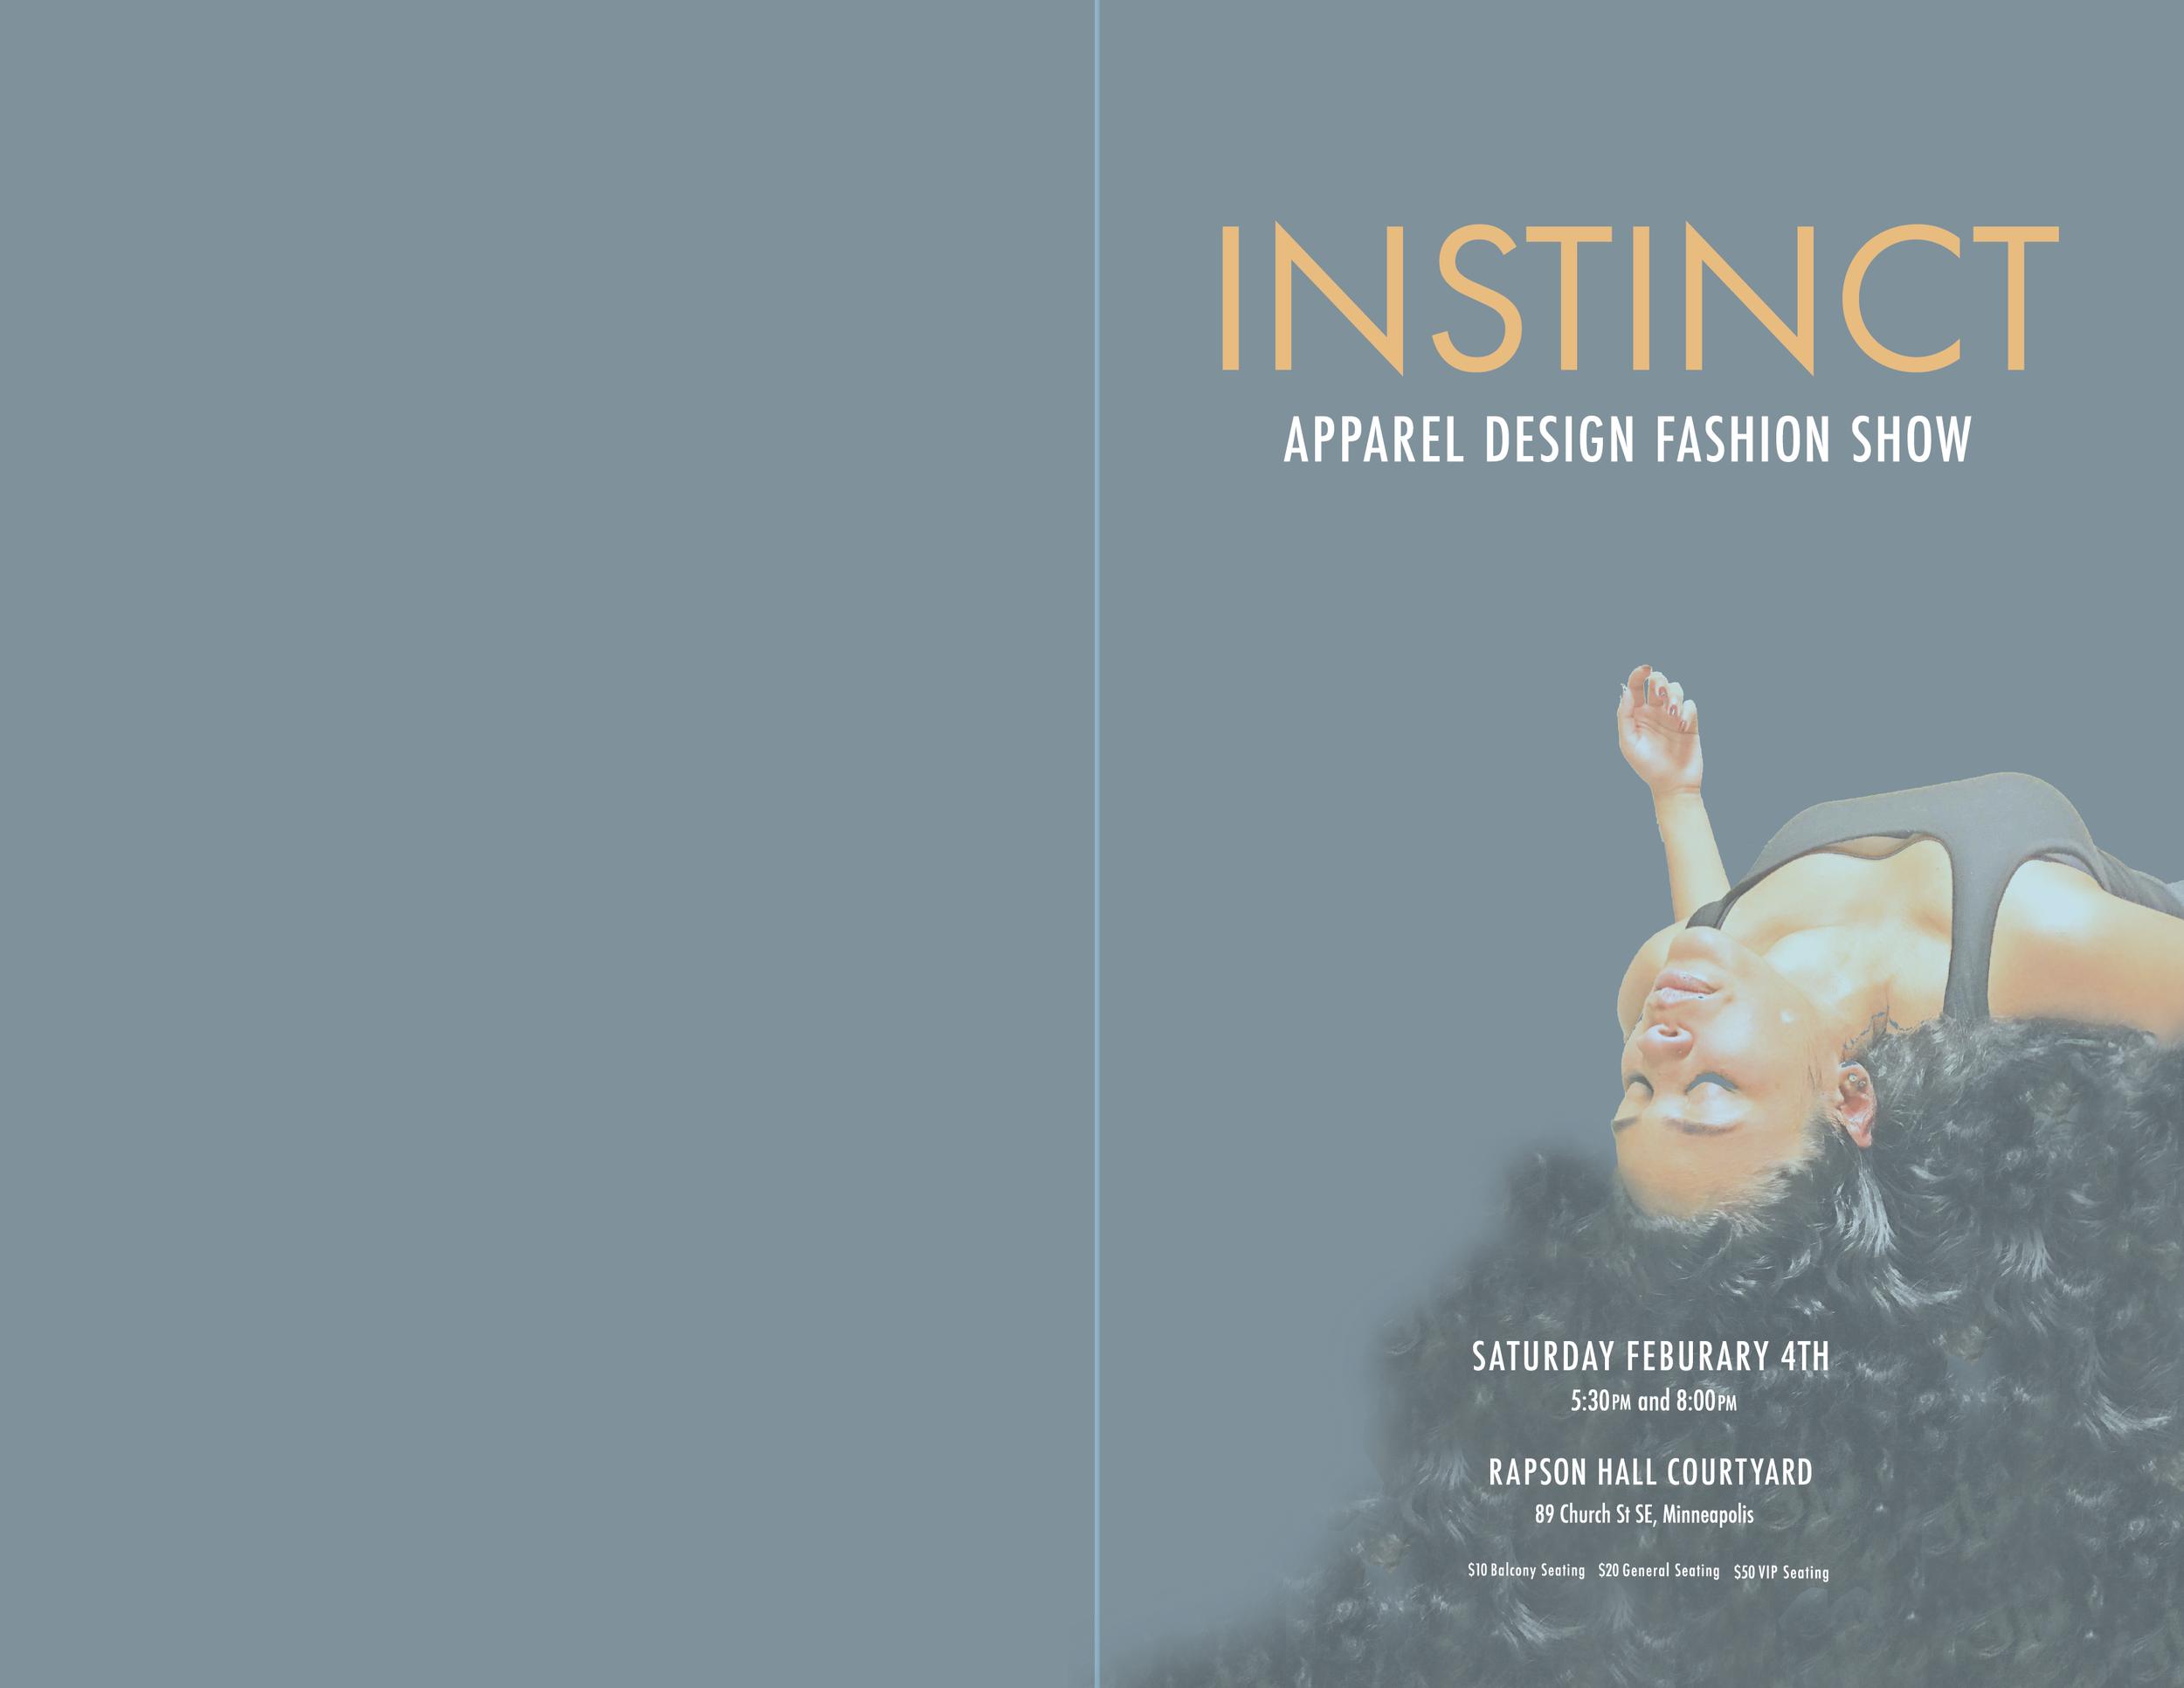 panflet-instinct-02.png